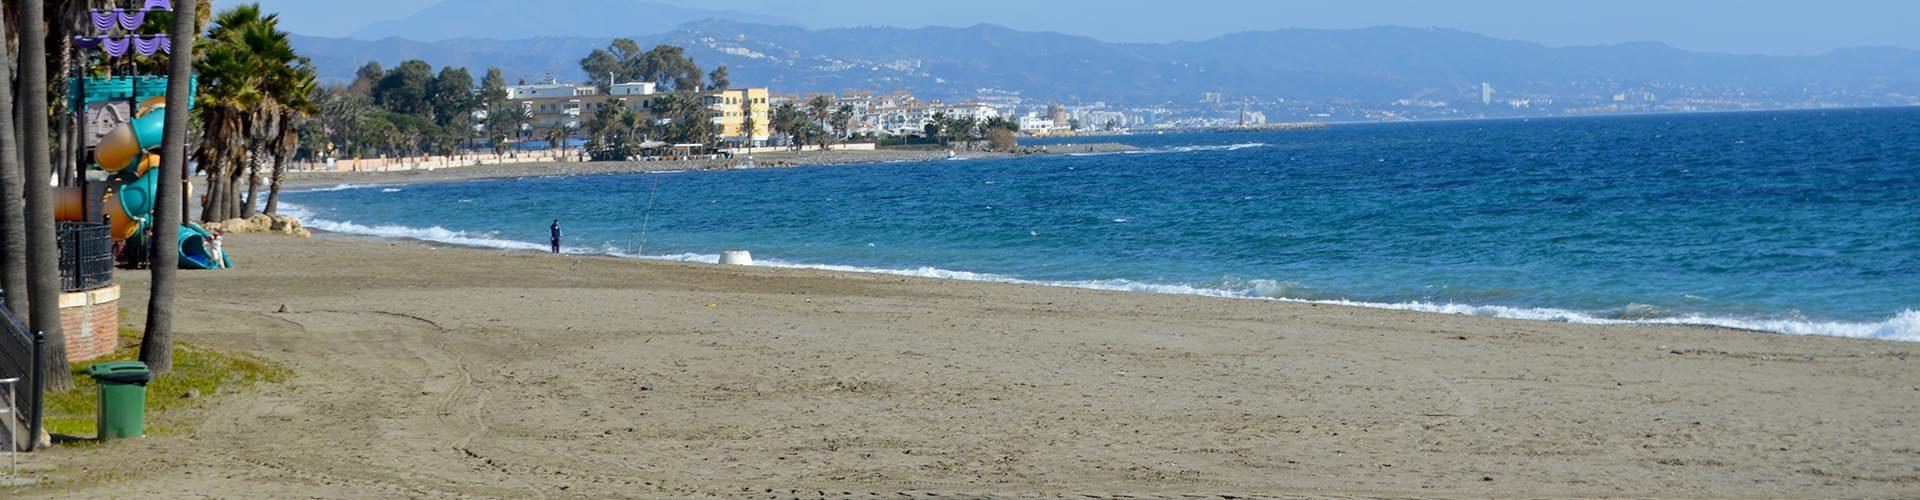 Playa en San Pedro de Alcántara - Marbella Unique Properties